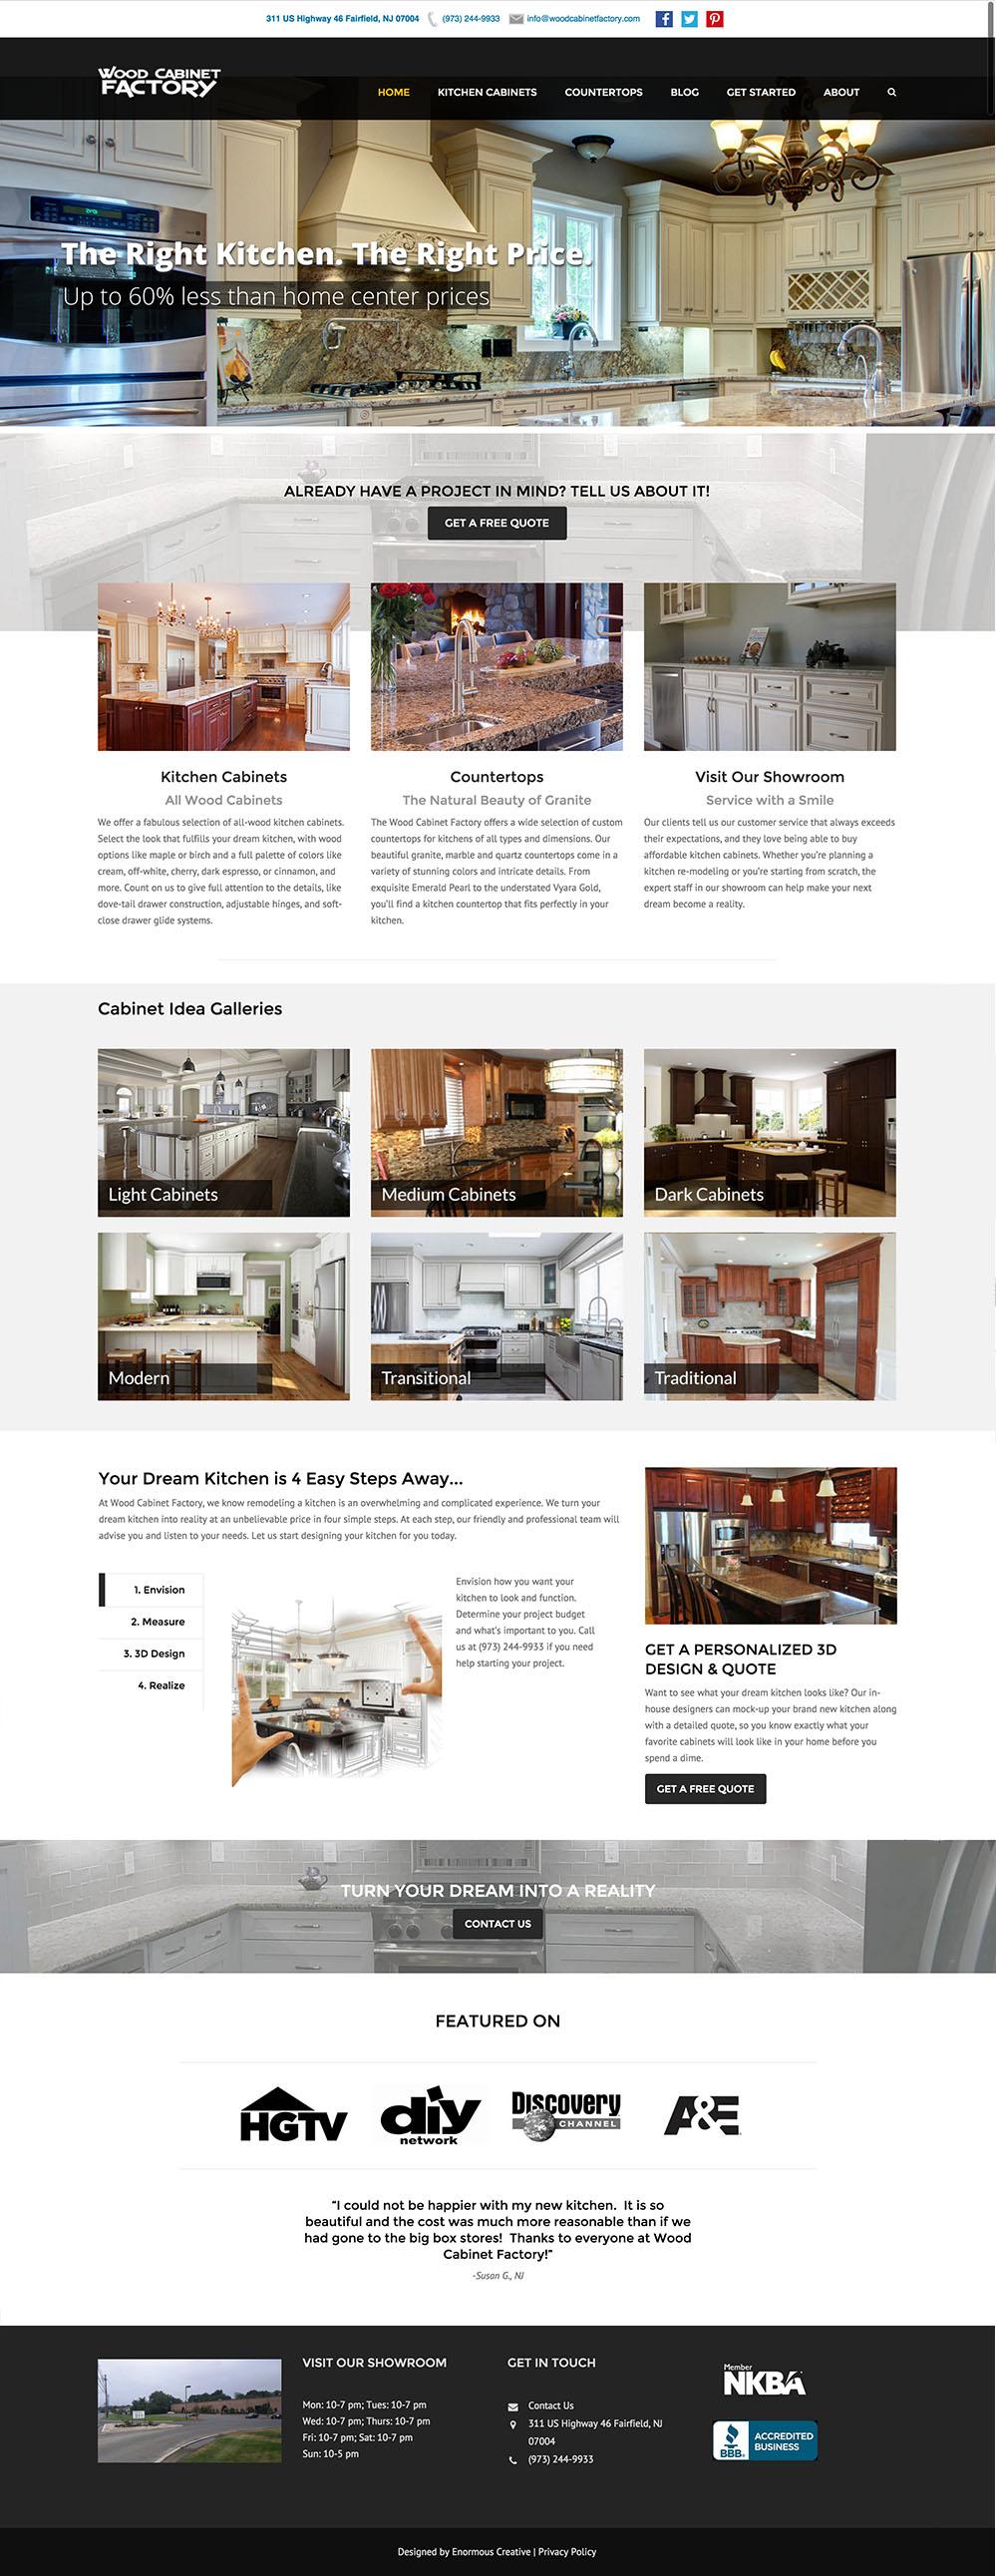 Web Design - Enormous Creative